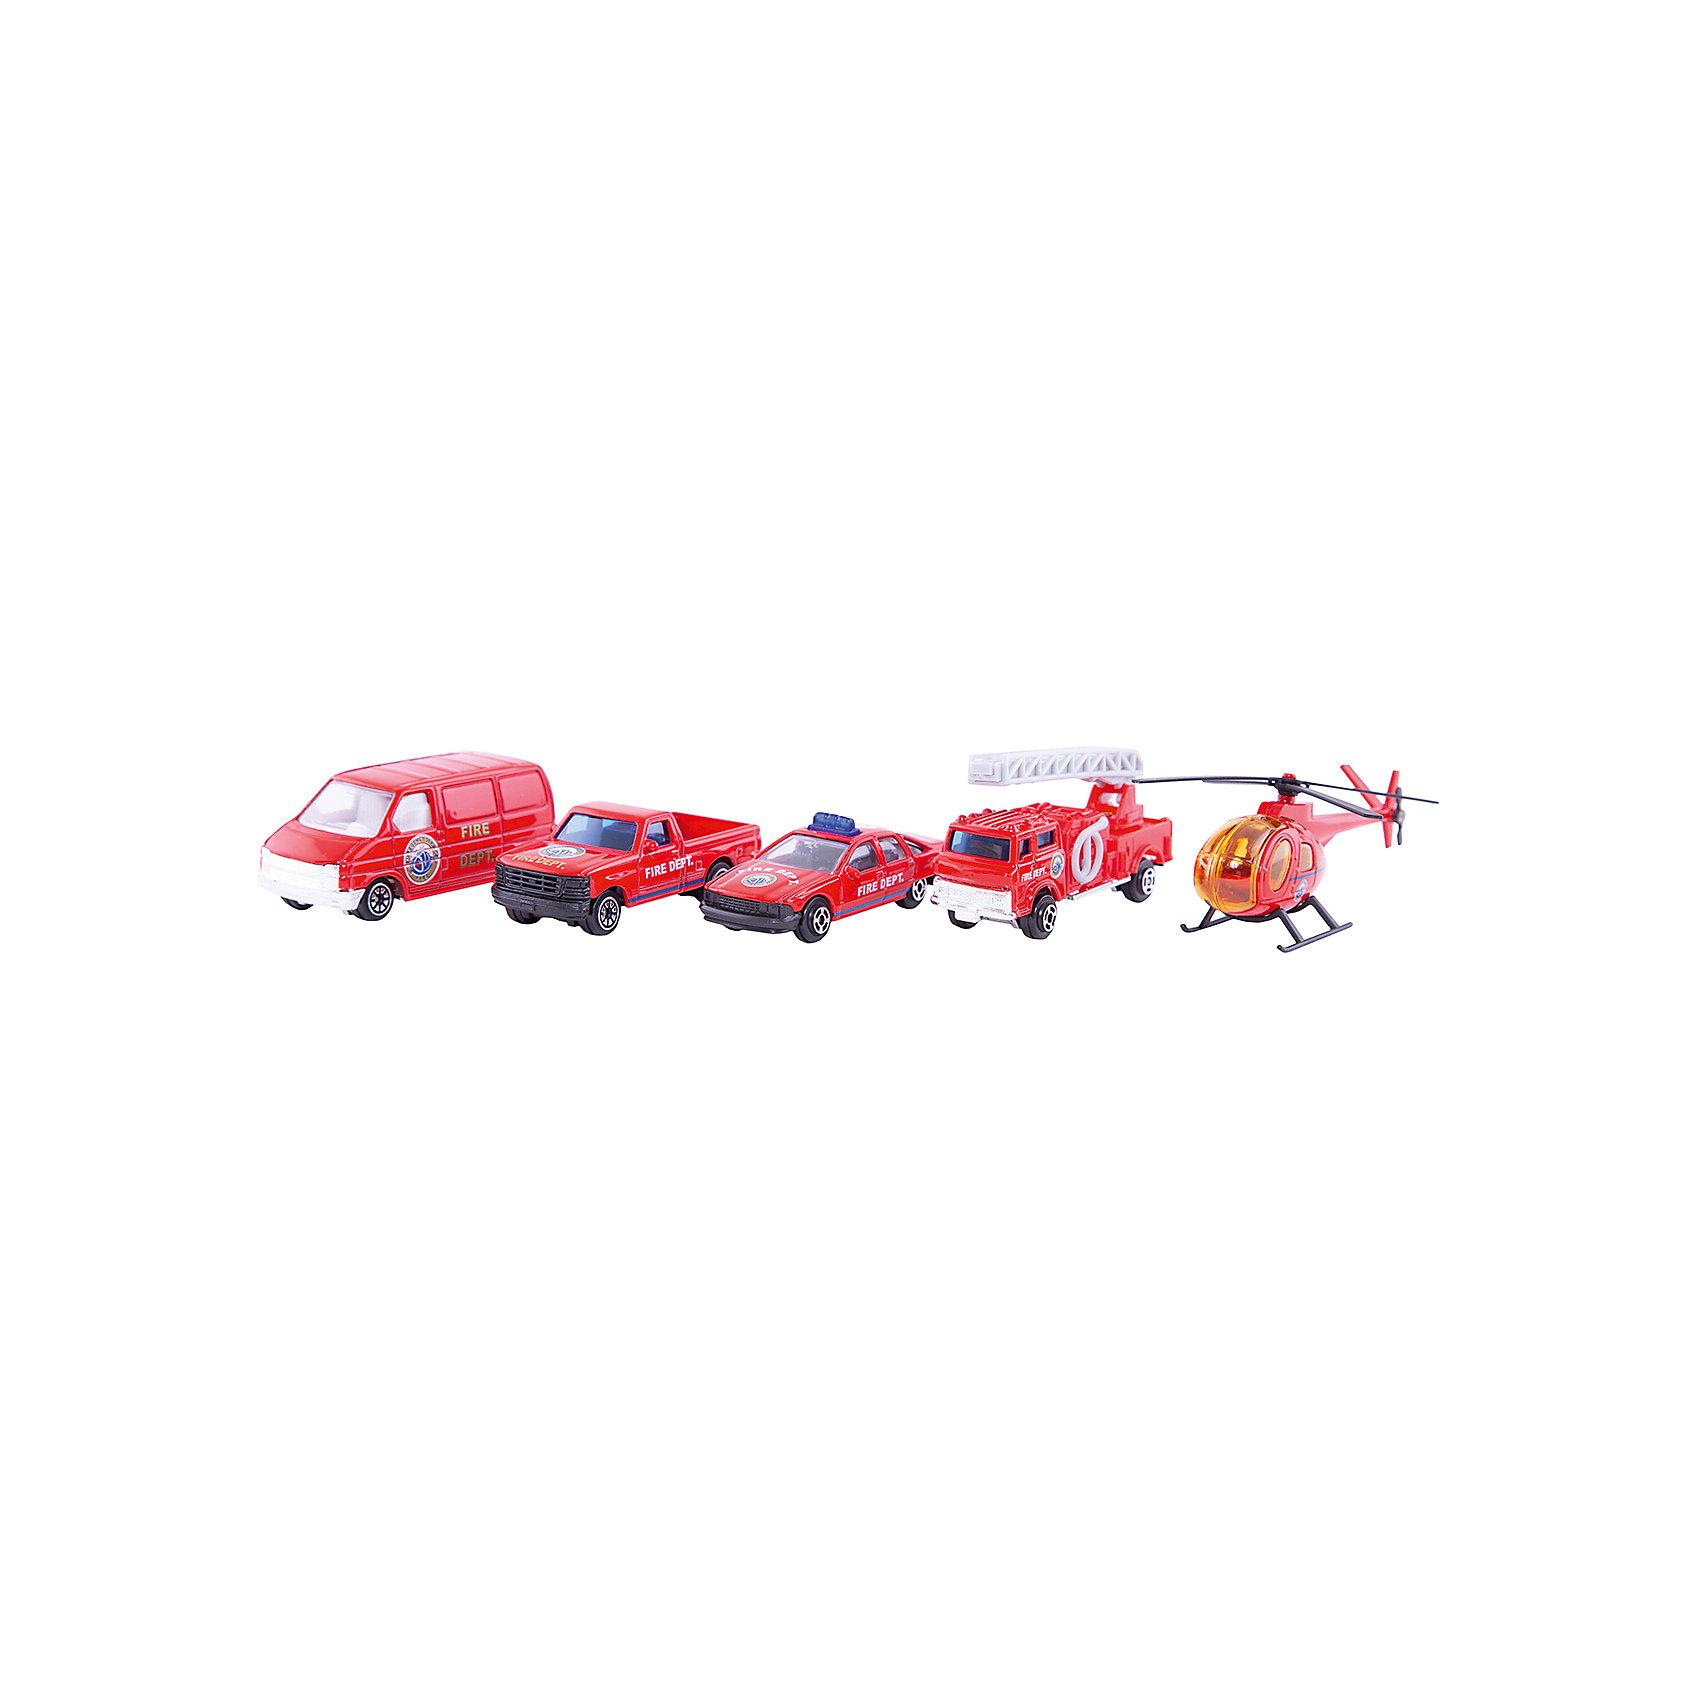 Welly Набор Пожарная команда 5 штукИгровые наборы<br>Welly Набор Пожарная команда 5 штук<br><br>Характеристики:<br><br>• Возраст: от 4 лет<br>• В комплекте: пикап, вертолет, фургон, легковая и пожарная машины<br>• Материал: металл, пластик<br>• Цвет: красный<br><br>Игровой набор включает в себя уменьшенную копию пожарной машины, легковой служебный автомобиль, пикап, фургон и вертолет. Все это поможет ребенку создать целый спектакль. Все игрушки сделаны из качественного материала, который не только безопасен для ребенка, но еще и очень крепок. <br><br>Welly Набор Пожарная команда 5 штук можно купить в нашем интернет-магазине.<br><br>Ширина мм: 40<br>Глубина мм: 110<br>Высота мм: 310<br>Вес г: 229<br>Возраст от месяцев: 84<br>Возраст до месяцев: 1188<br>Пол: Мужской<br>Возраст: Детский<br>SKU: 2150005